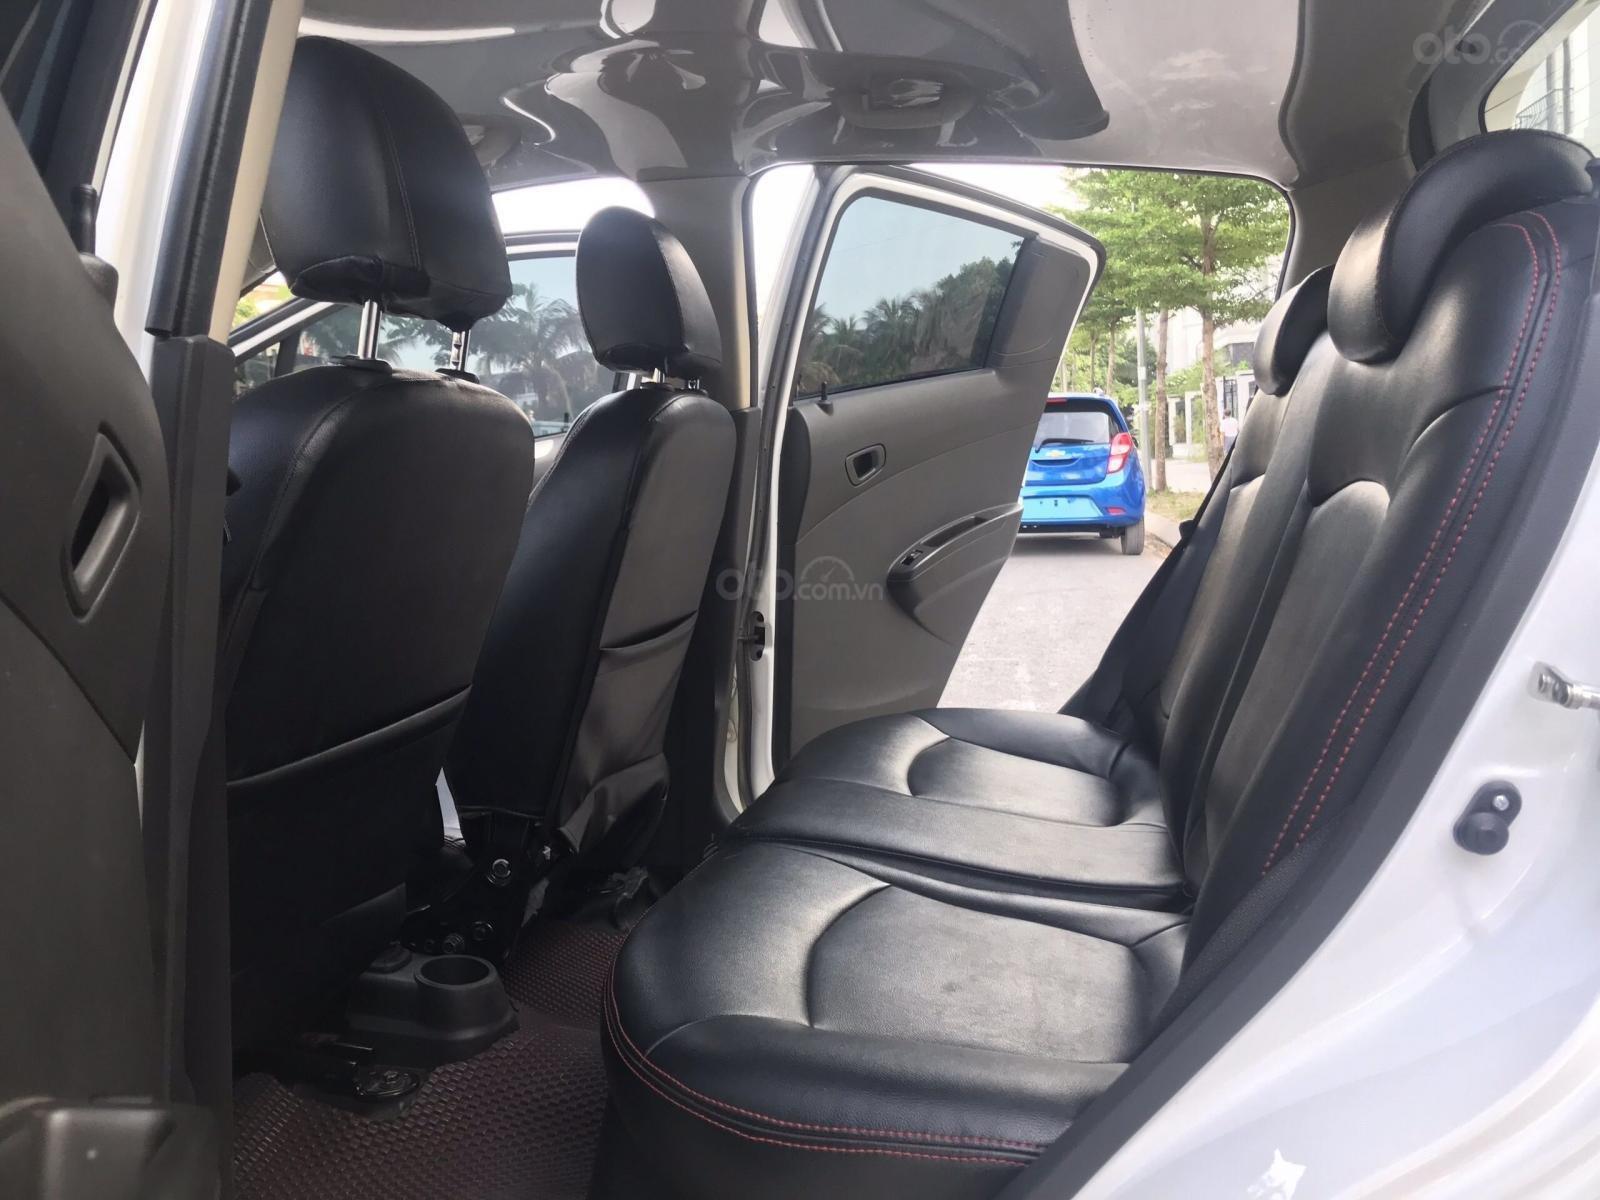 Cần bán gấp Chevrolet Spark đời 2018, màu trắng, rất mới, đi chuẩn 26.000 km (12)